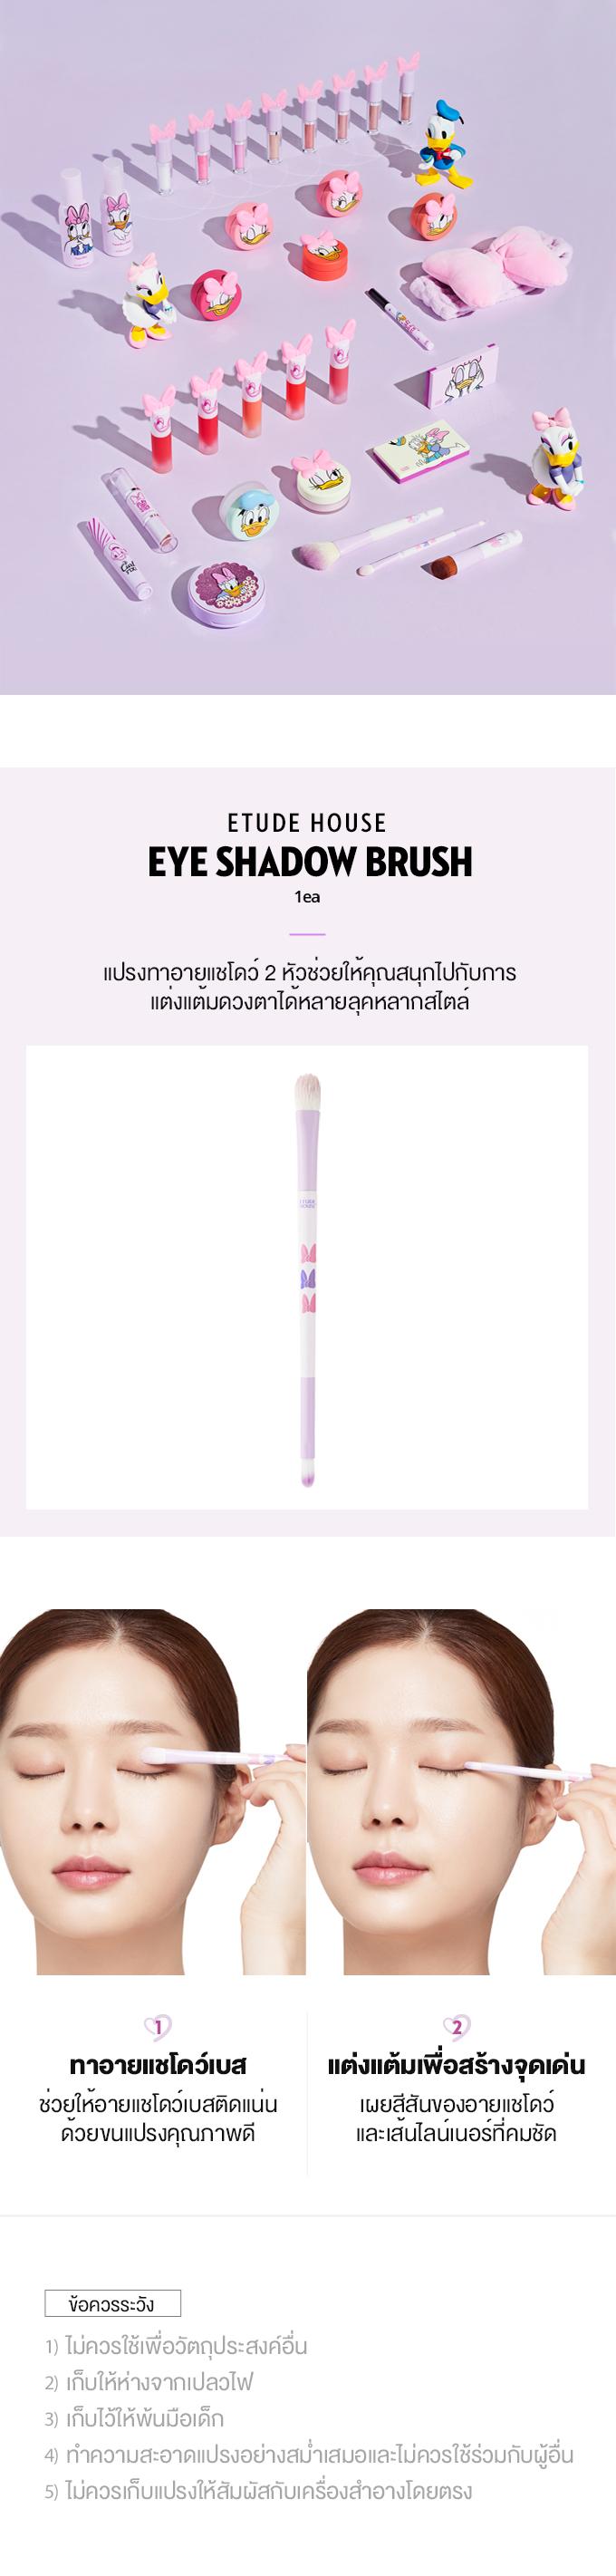 TH1_(Daisy Duck) Eye Shadow Brush